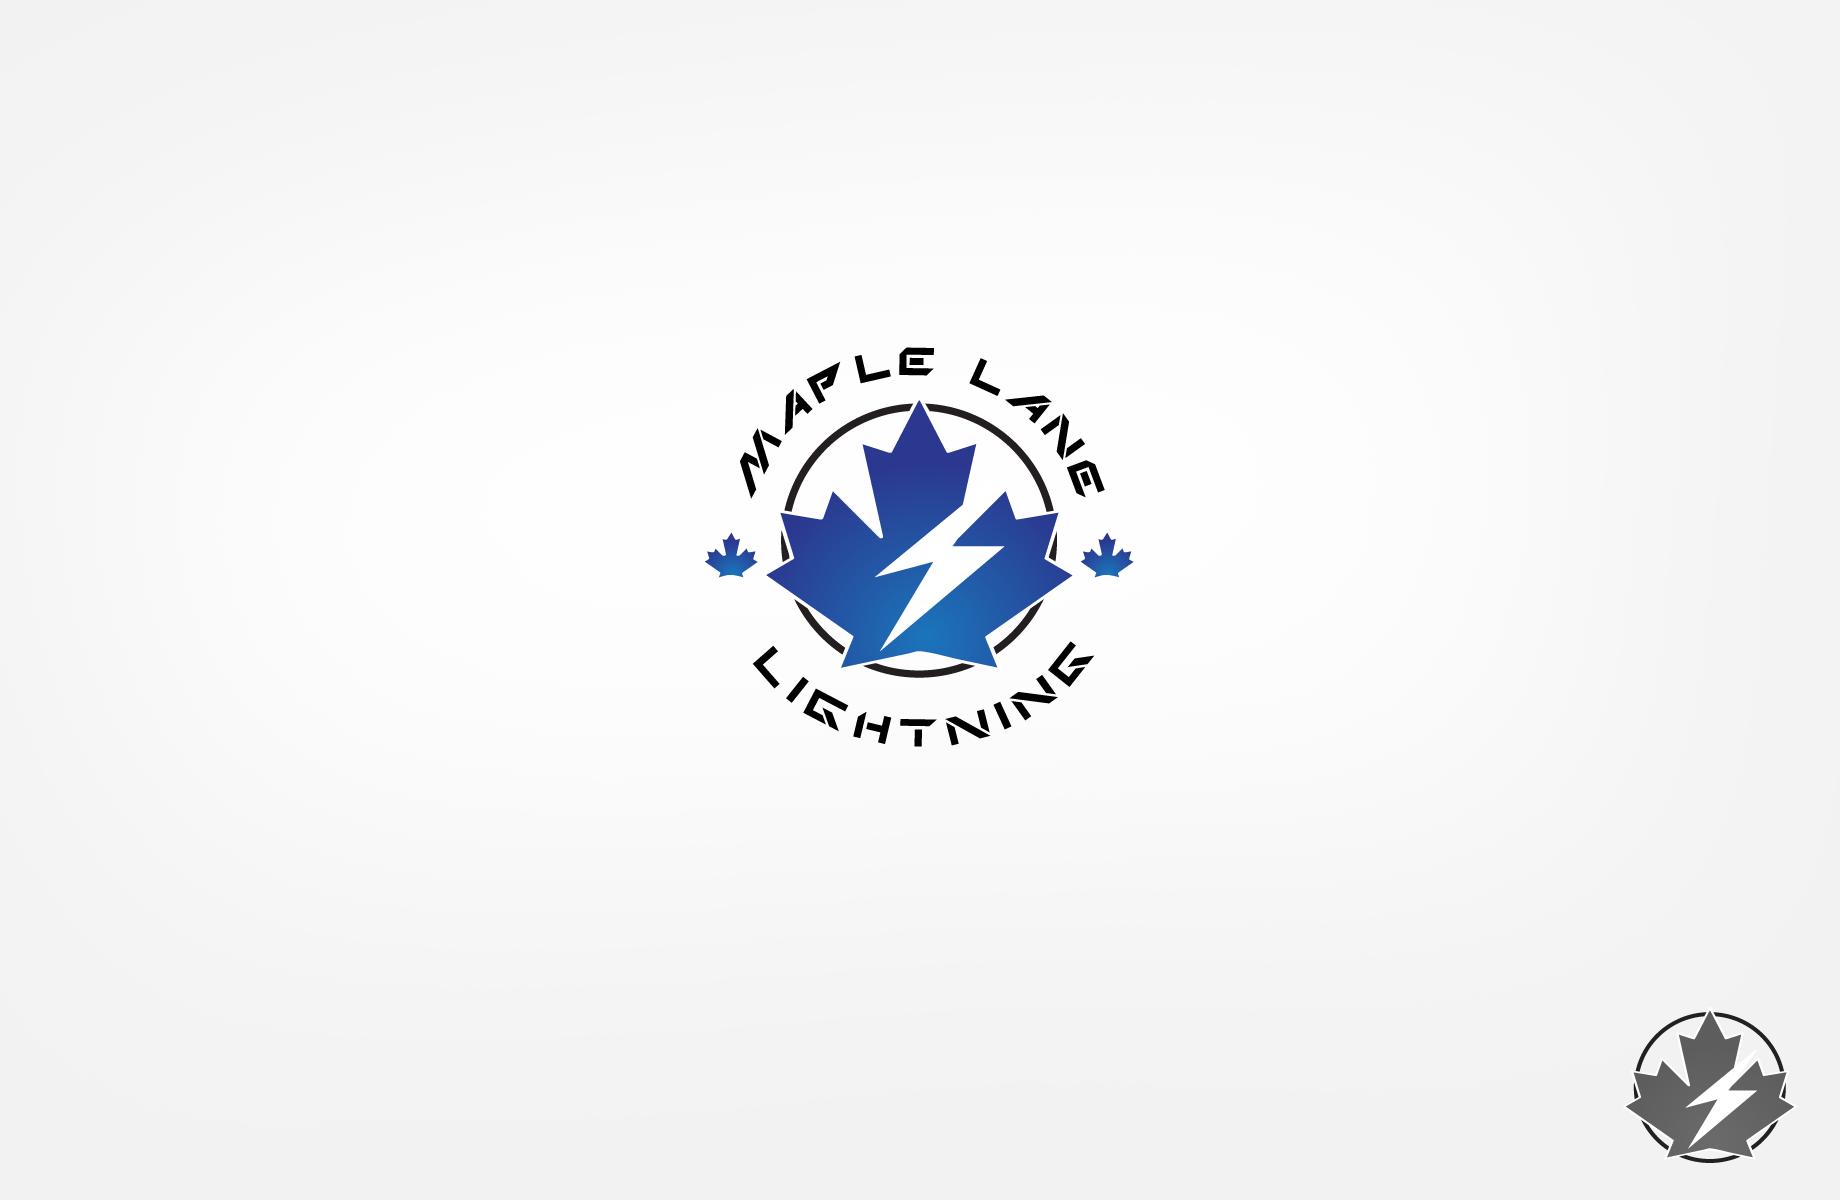 Logo Design by Jan Chua - Entry No. 36 in the Logo Design Contest Maple Lane Logo Design.